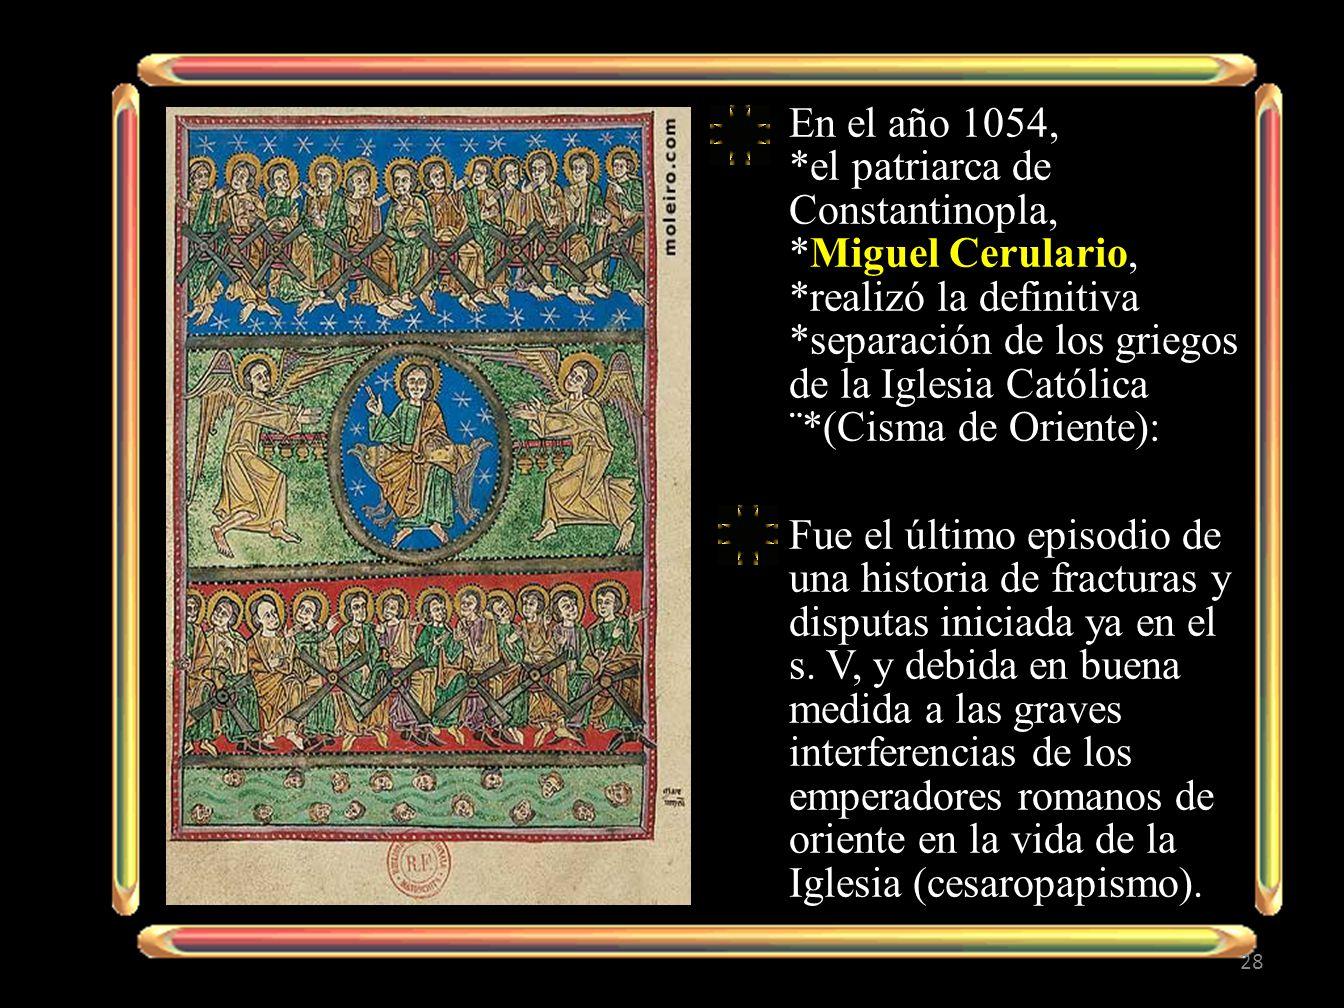 En el año 1054,. el patriarca de Constantinopla,. Miguel Cerulario,